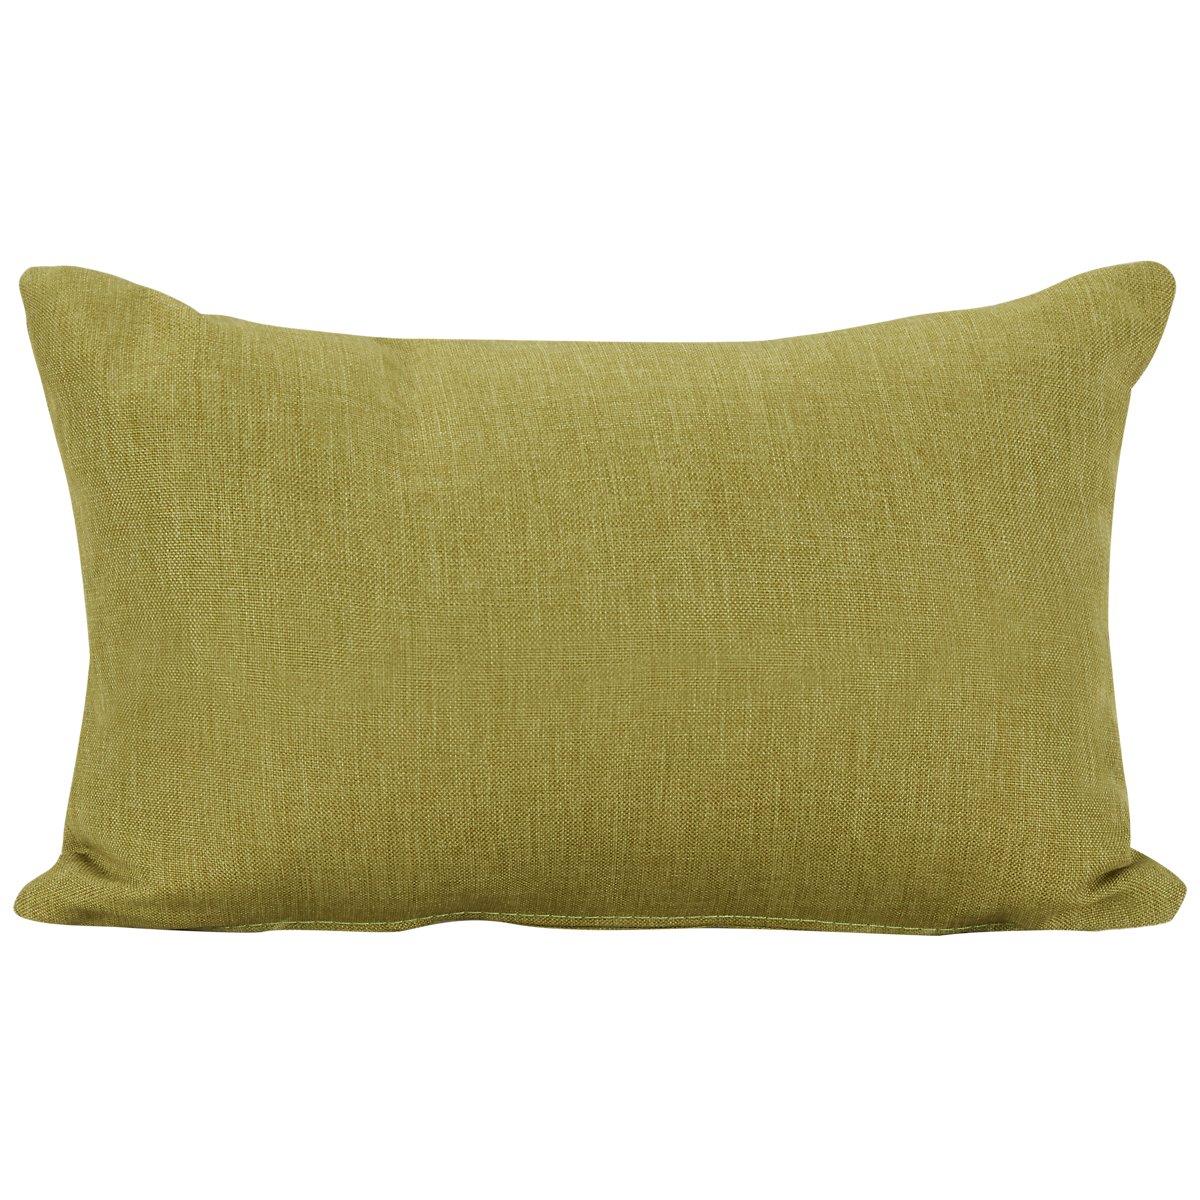 Callie Green Rectangular Accent Pillow